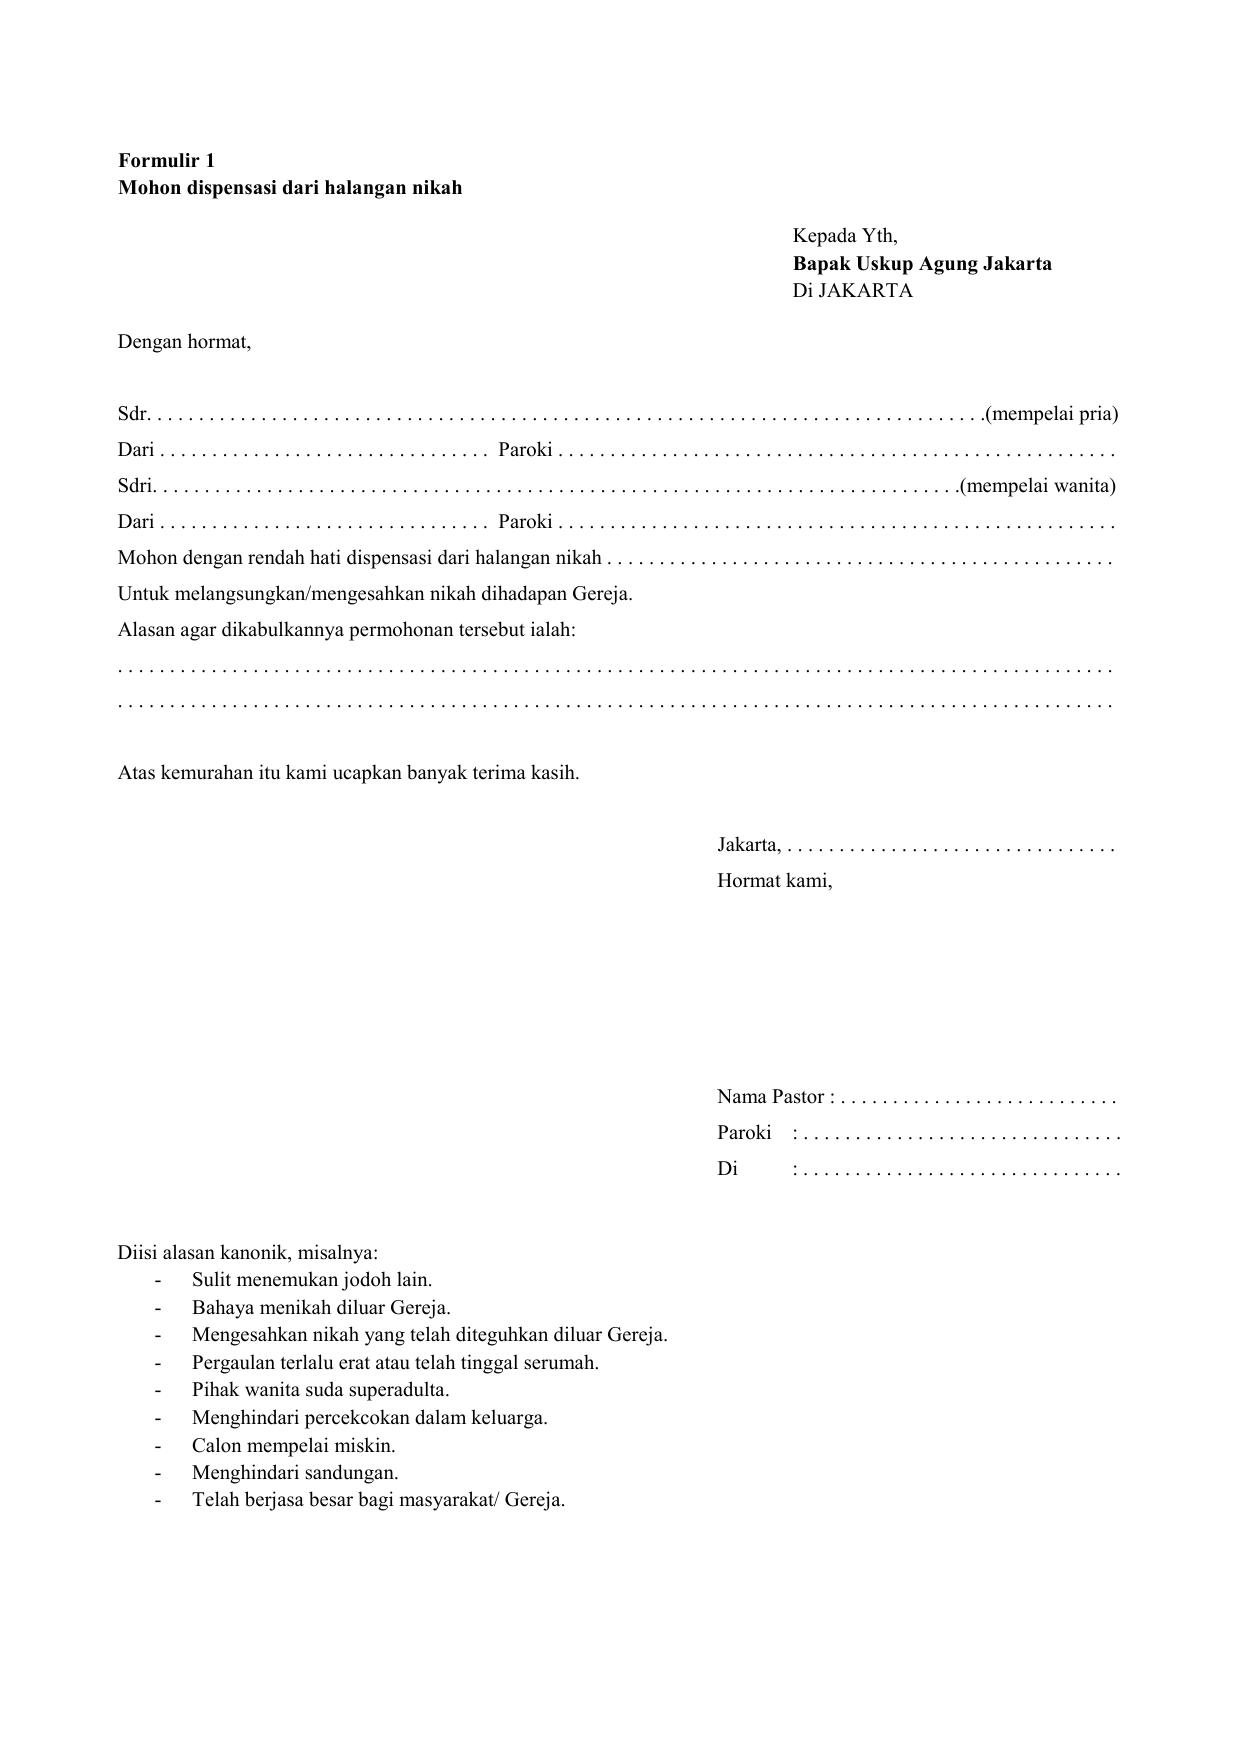 Formulir 1 Mohon Dispensasi Dari Halangan Nikah Kepada Yth